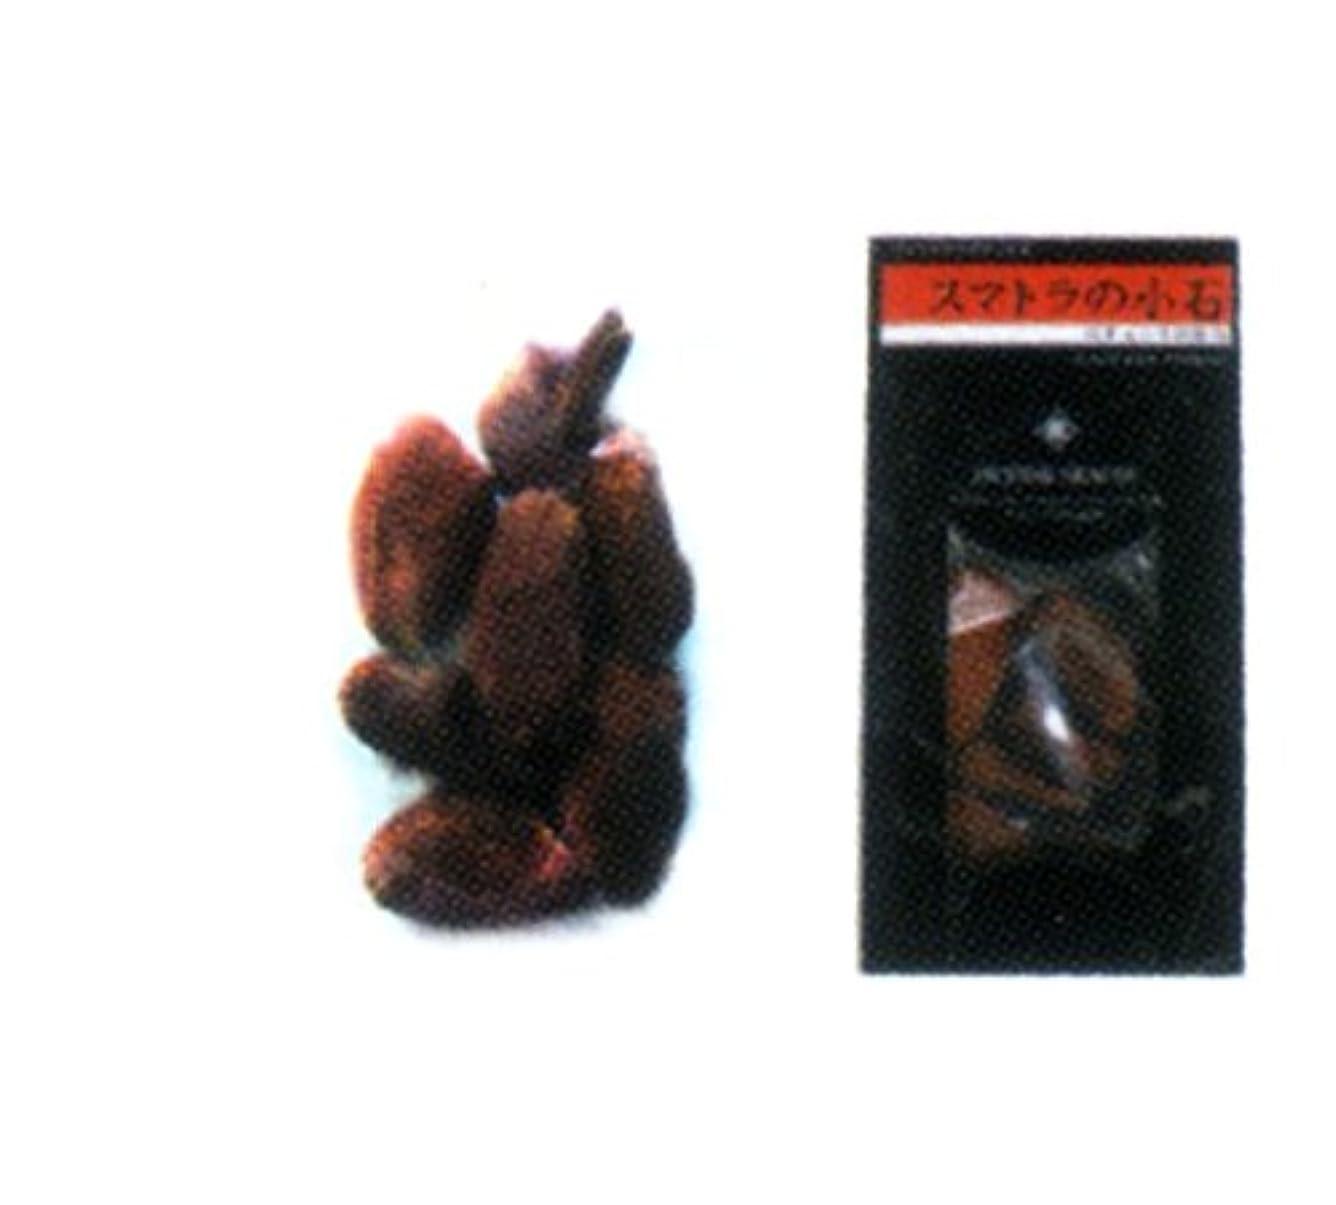 取り付け荒れ地びんインセンスヘブン(100%天然手作りのお香) スマトラの石